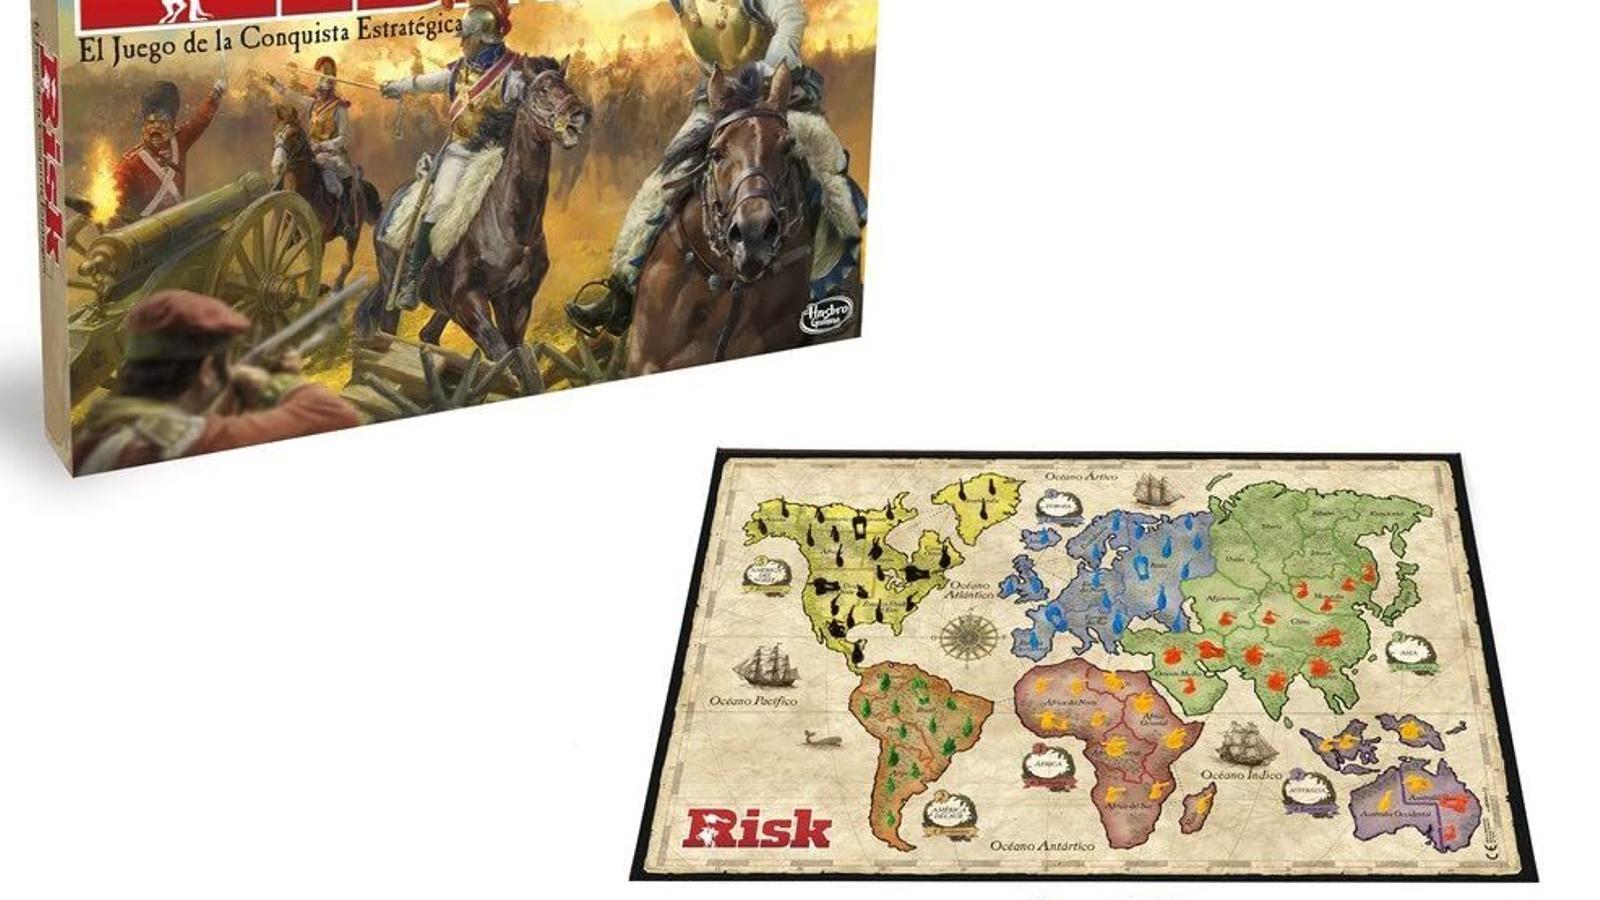 El creador de 'House of cards' convertirà el joc Risk en una sèrie